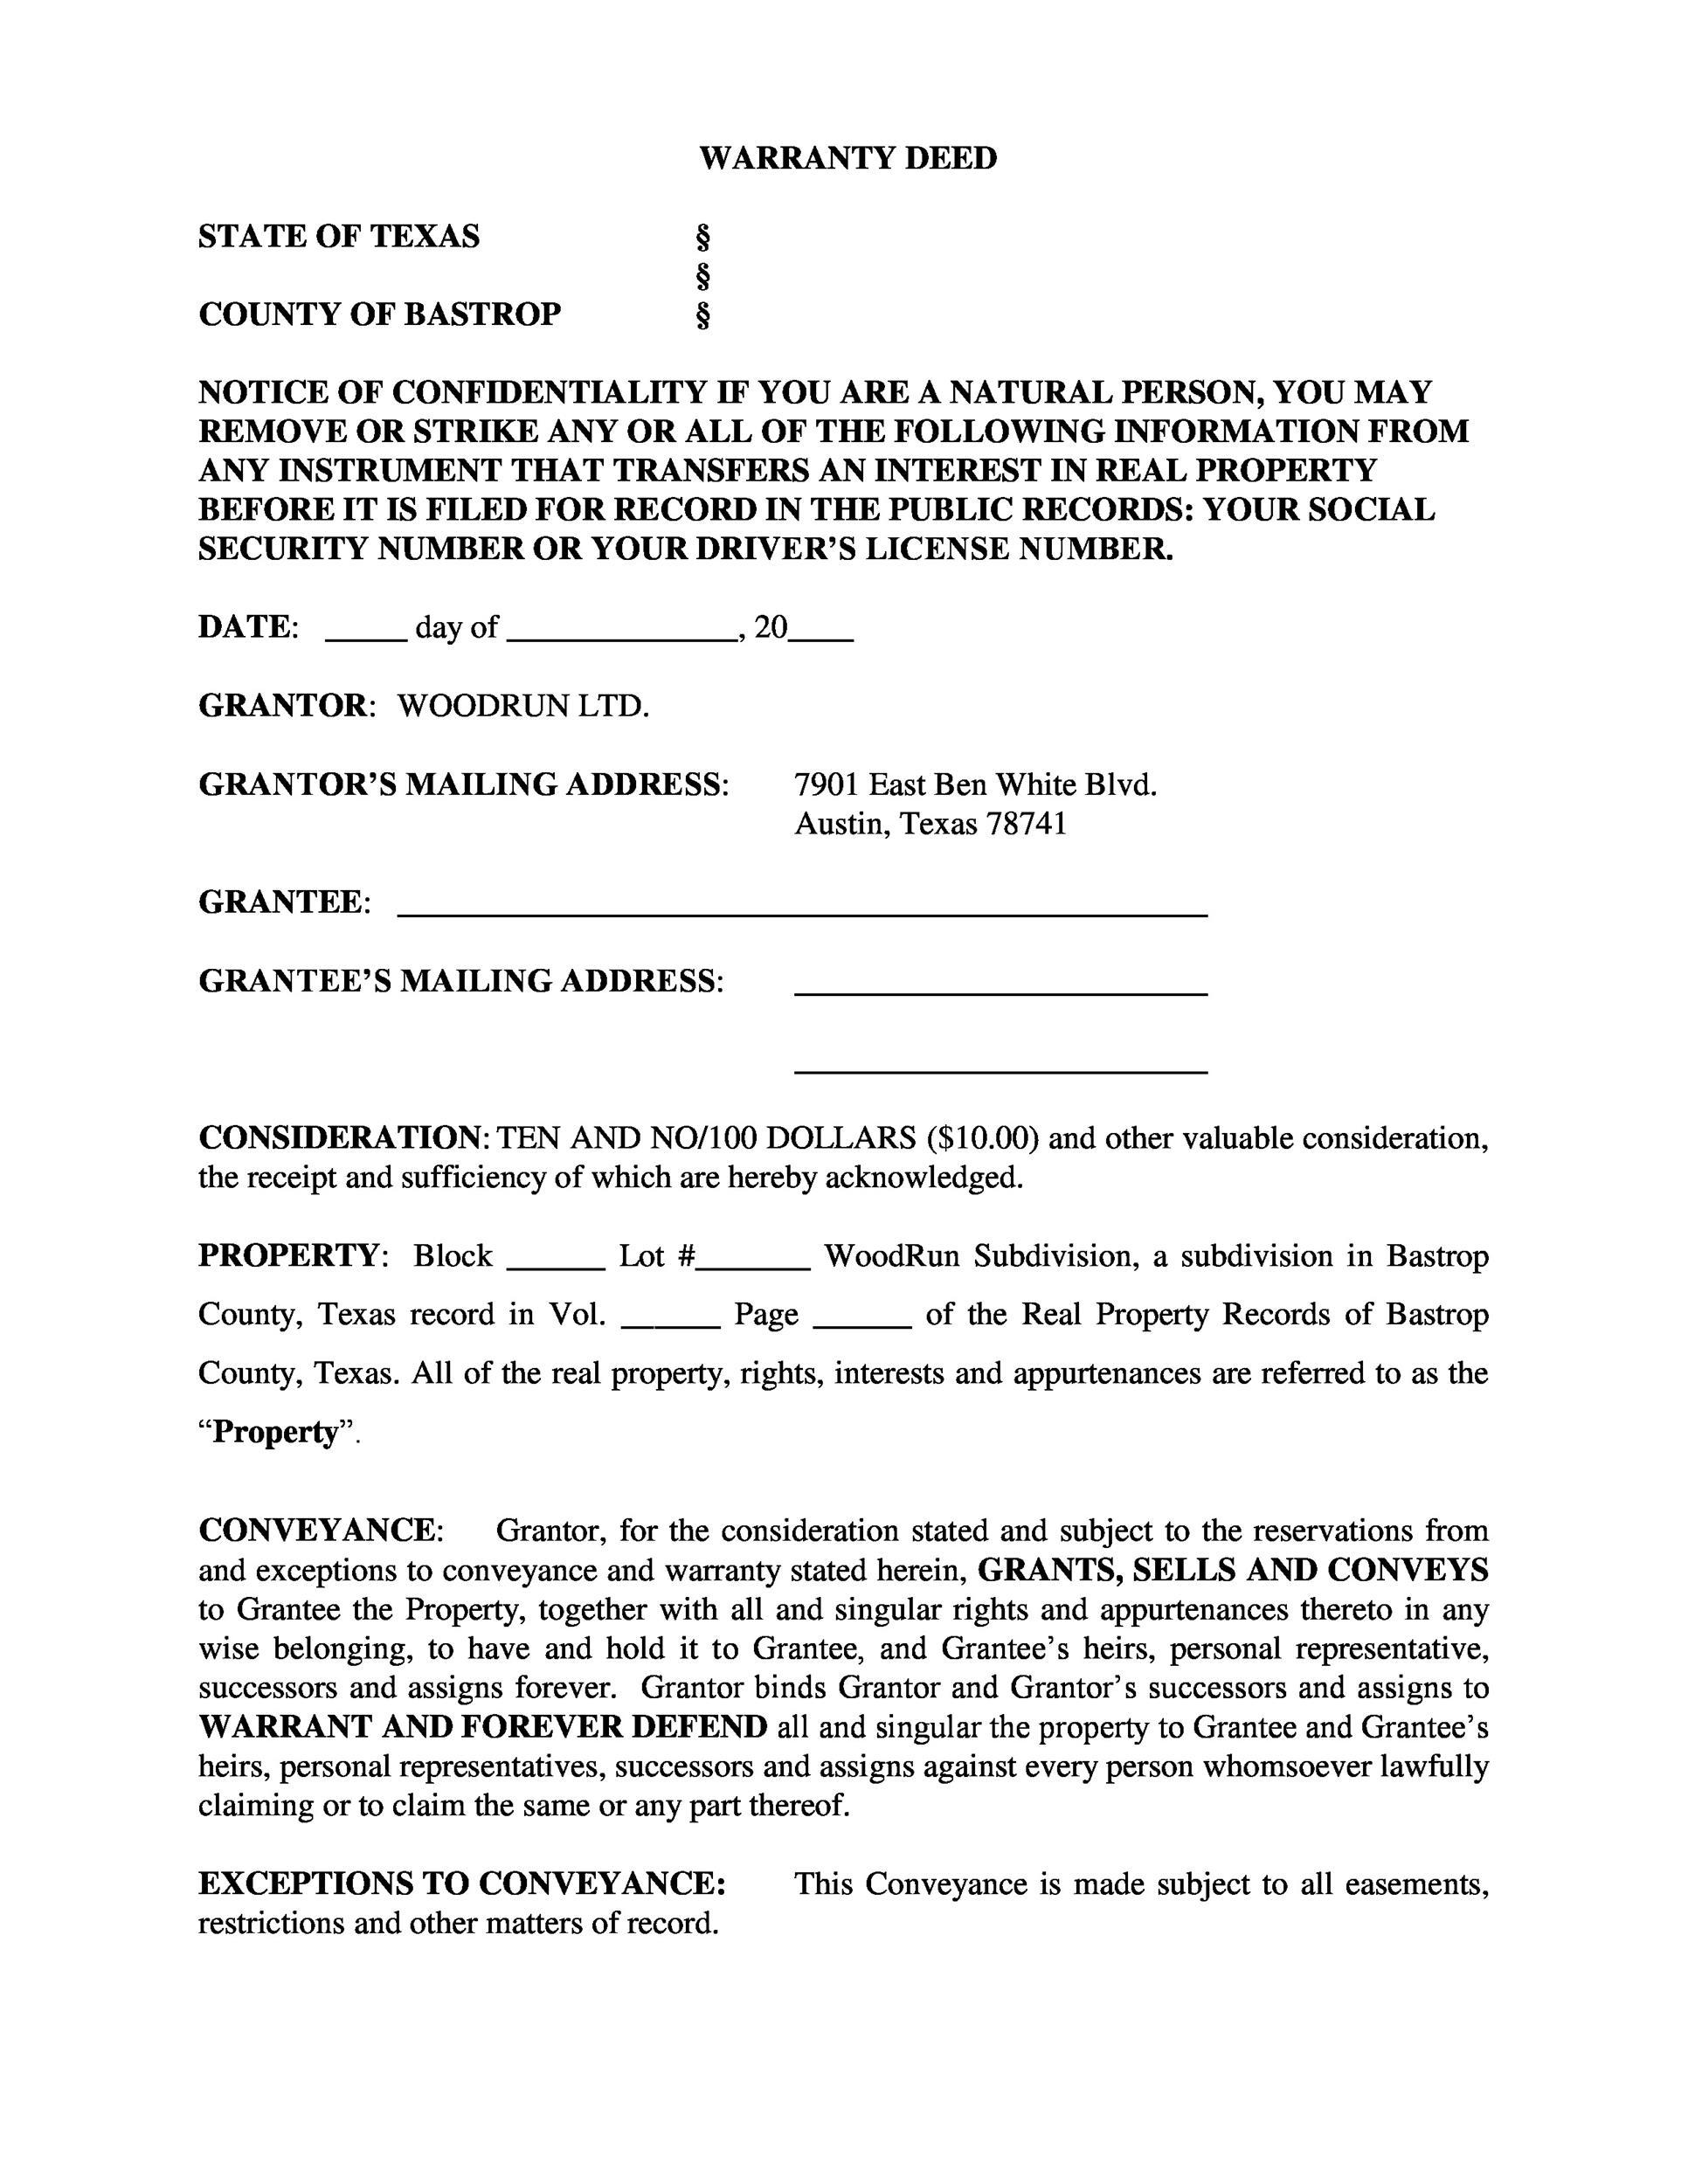 Free Warranty deed template 40